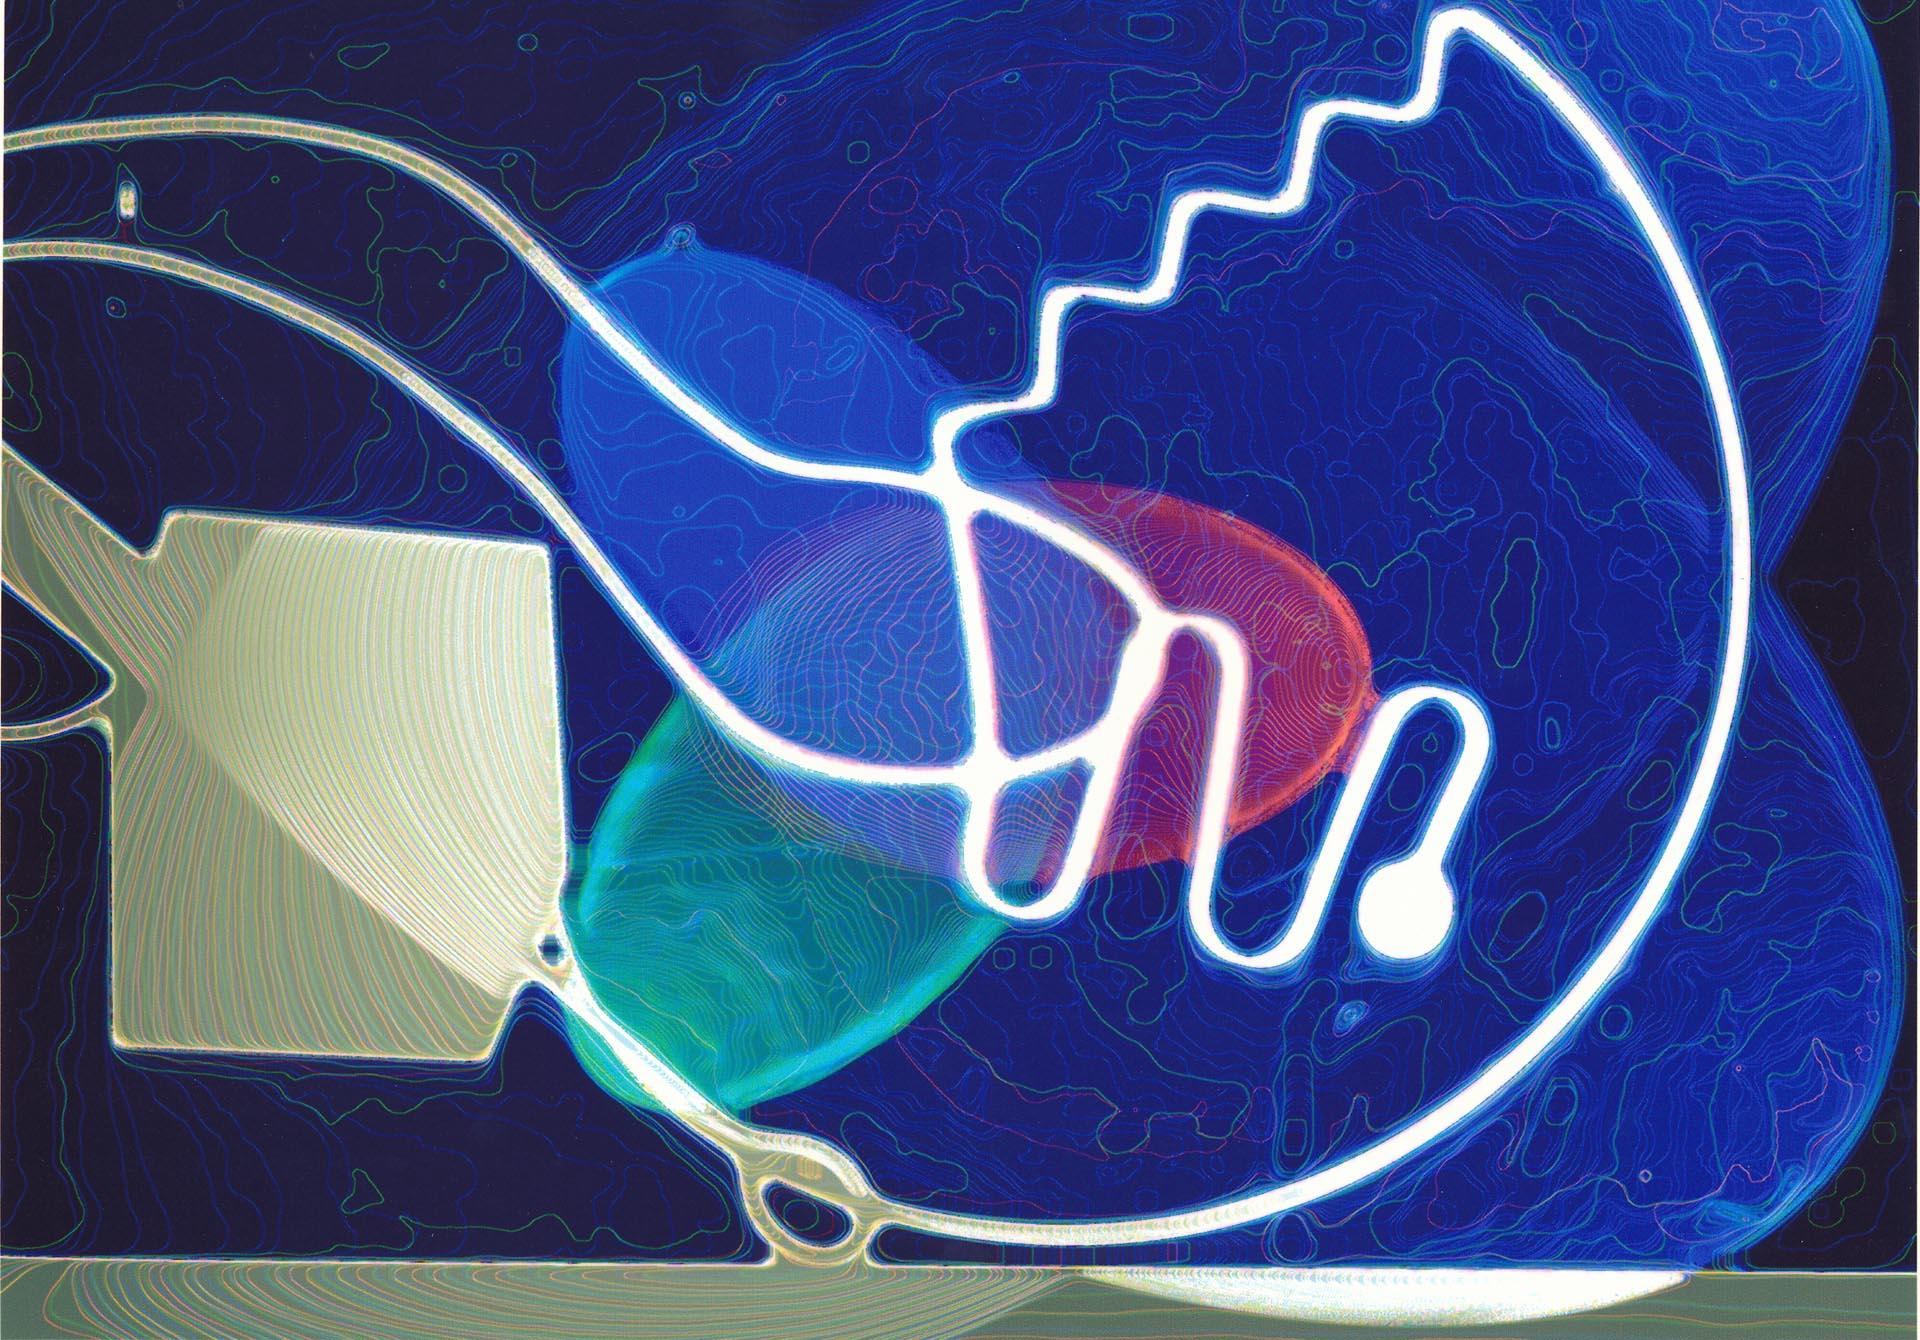 Intitled, Fotogramma su carta BN con rielaborazione a colori, 2002